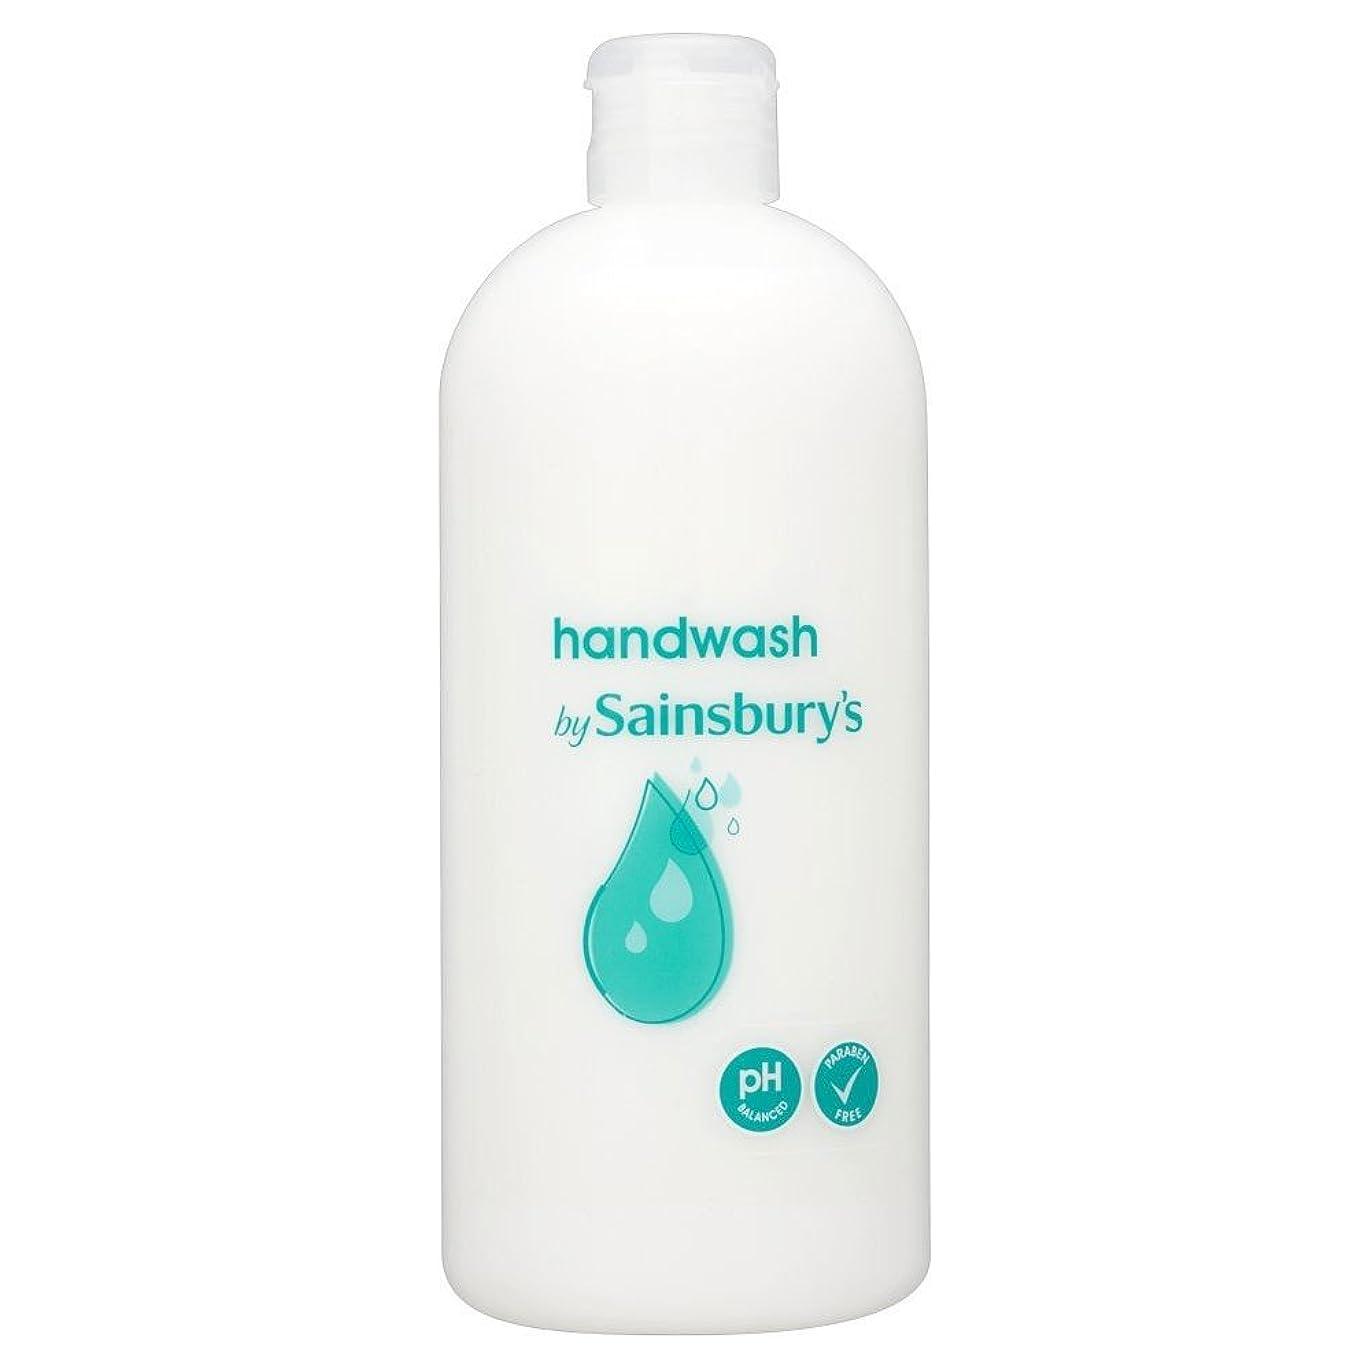 債務懲らしめ着実にSainsbury's Handwash, White Refill 500ml (Pack of 6) - (Sainsbury's) 手洗い、白リフィル500ミリリットル (x6) [並行輸入品]